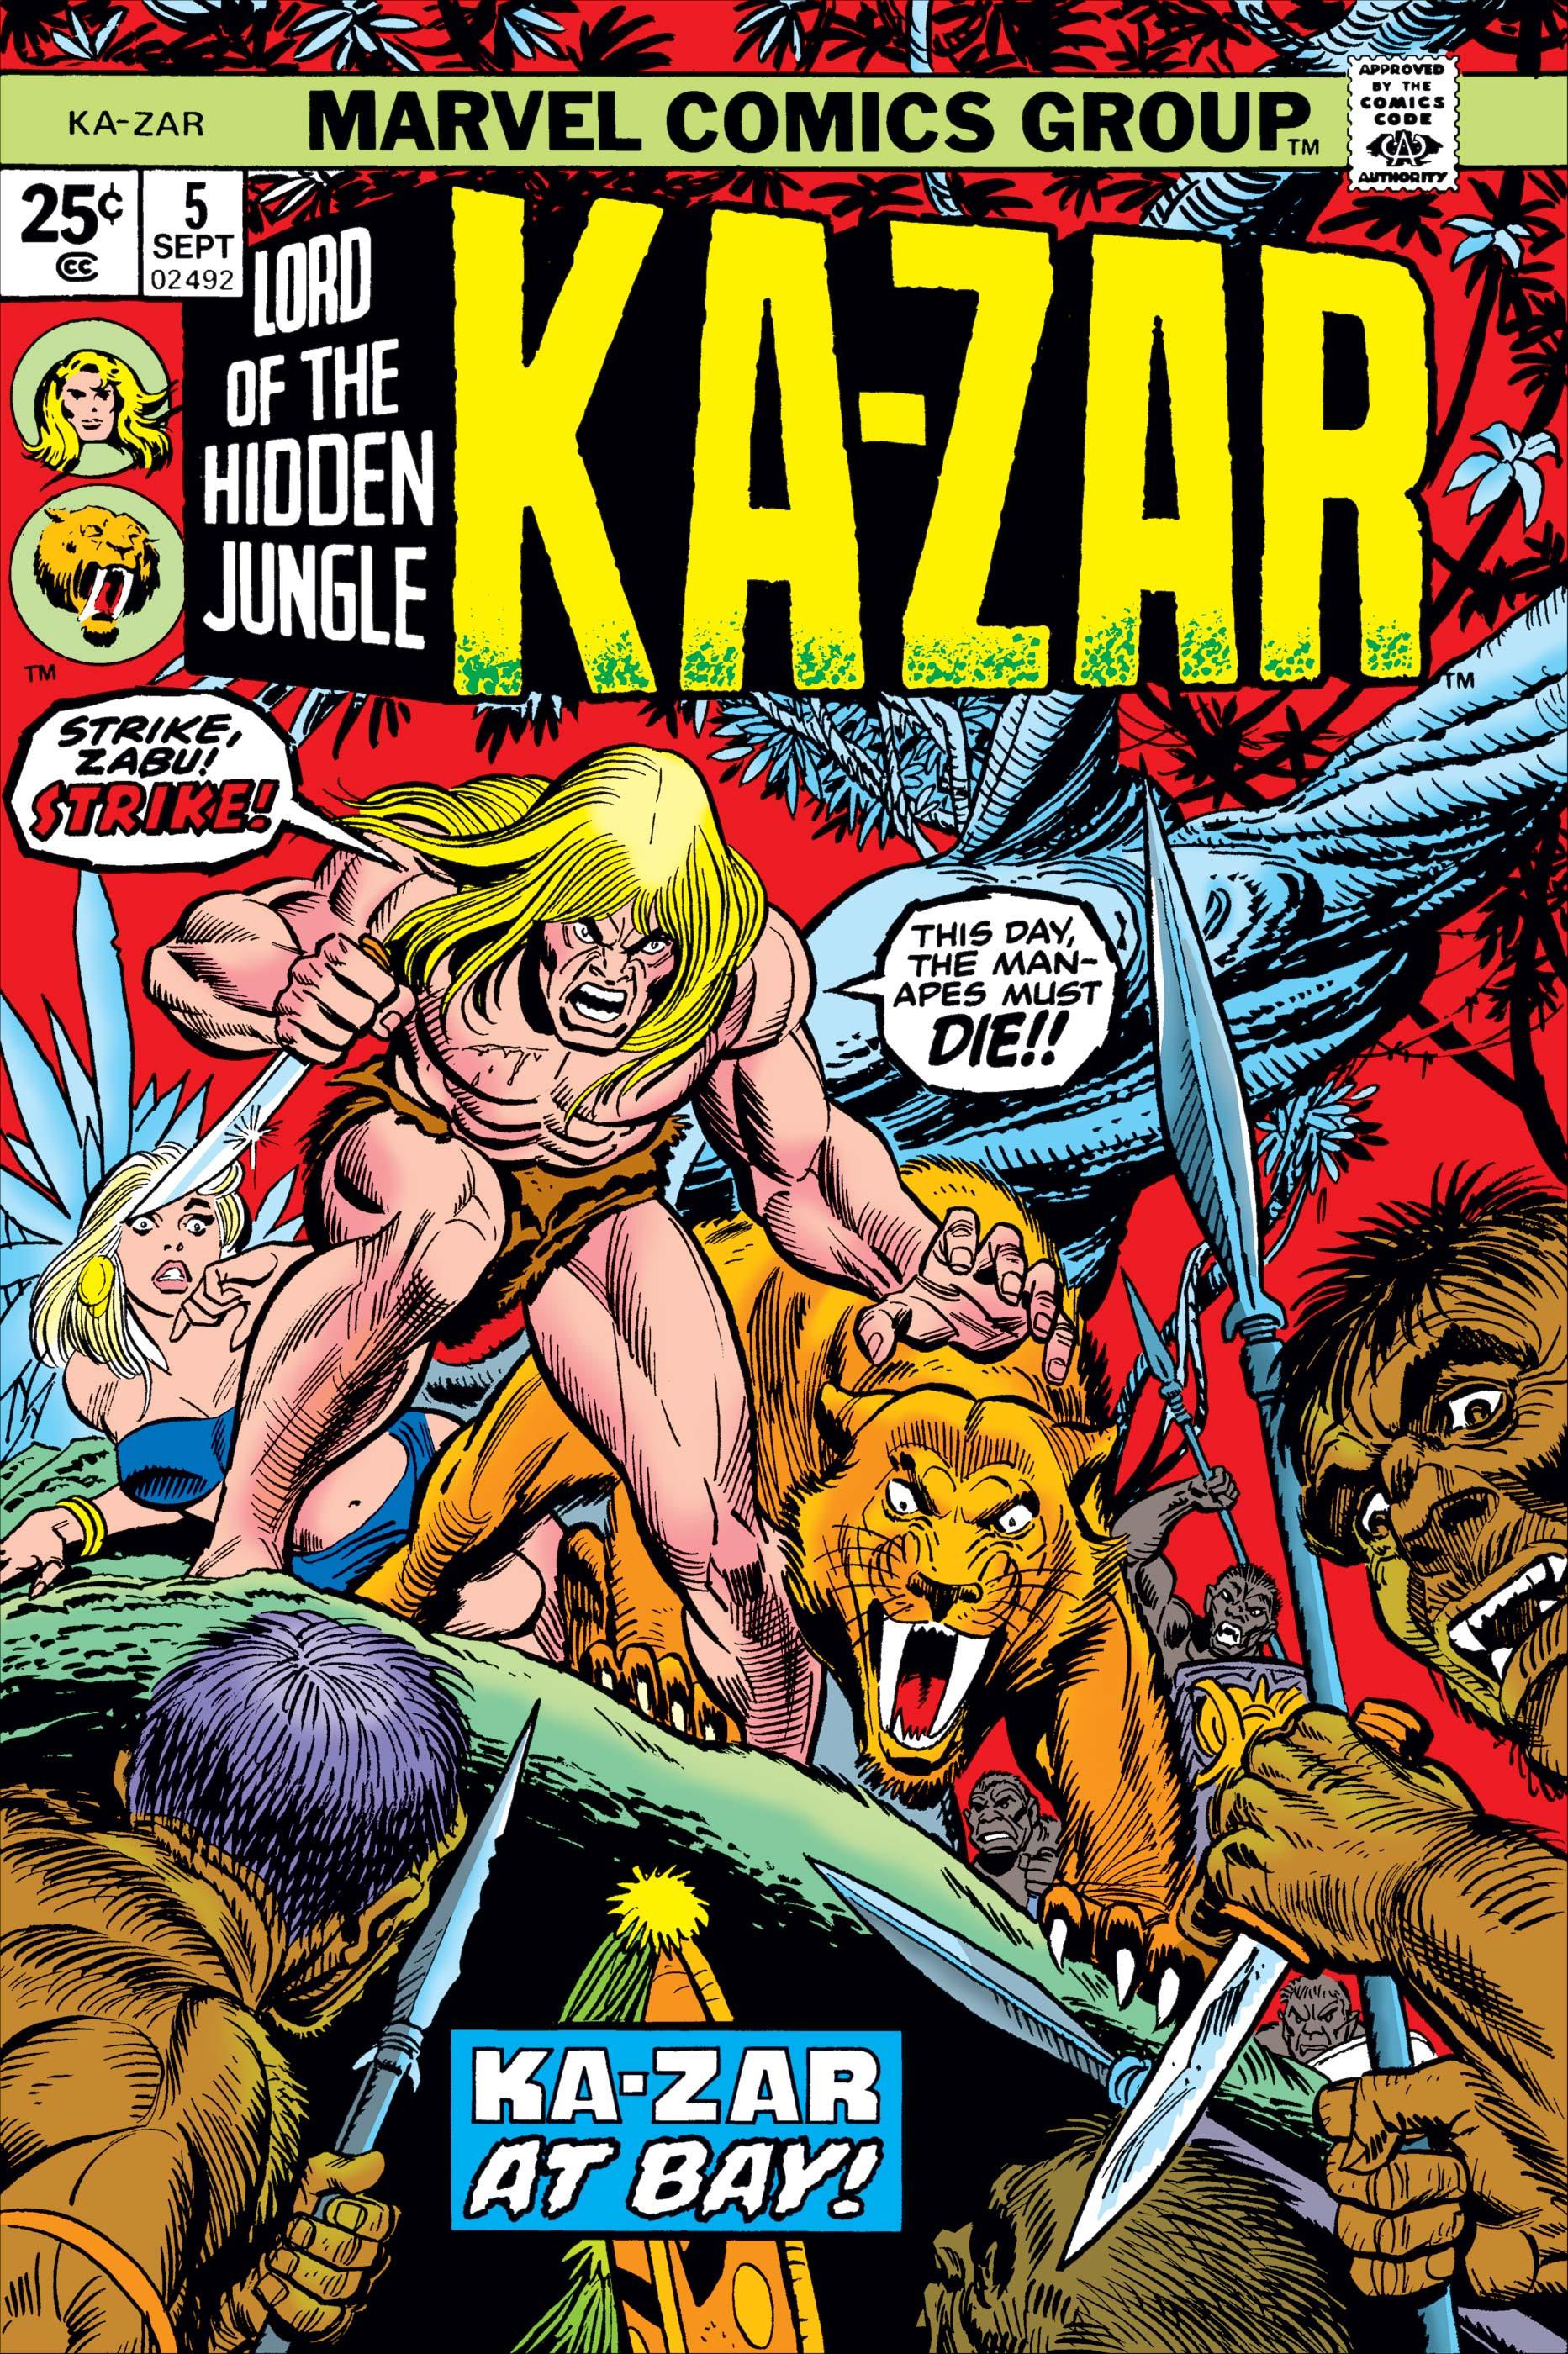 Ka-Zar (1974) #5